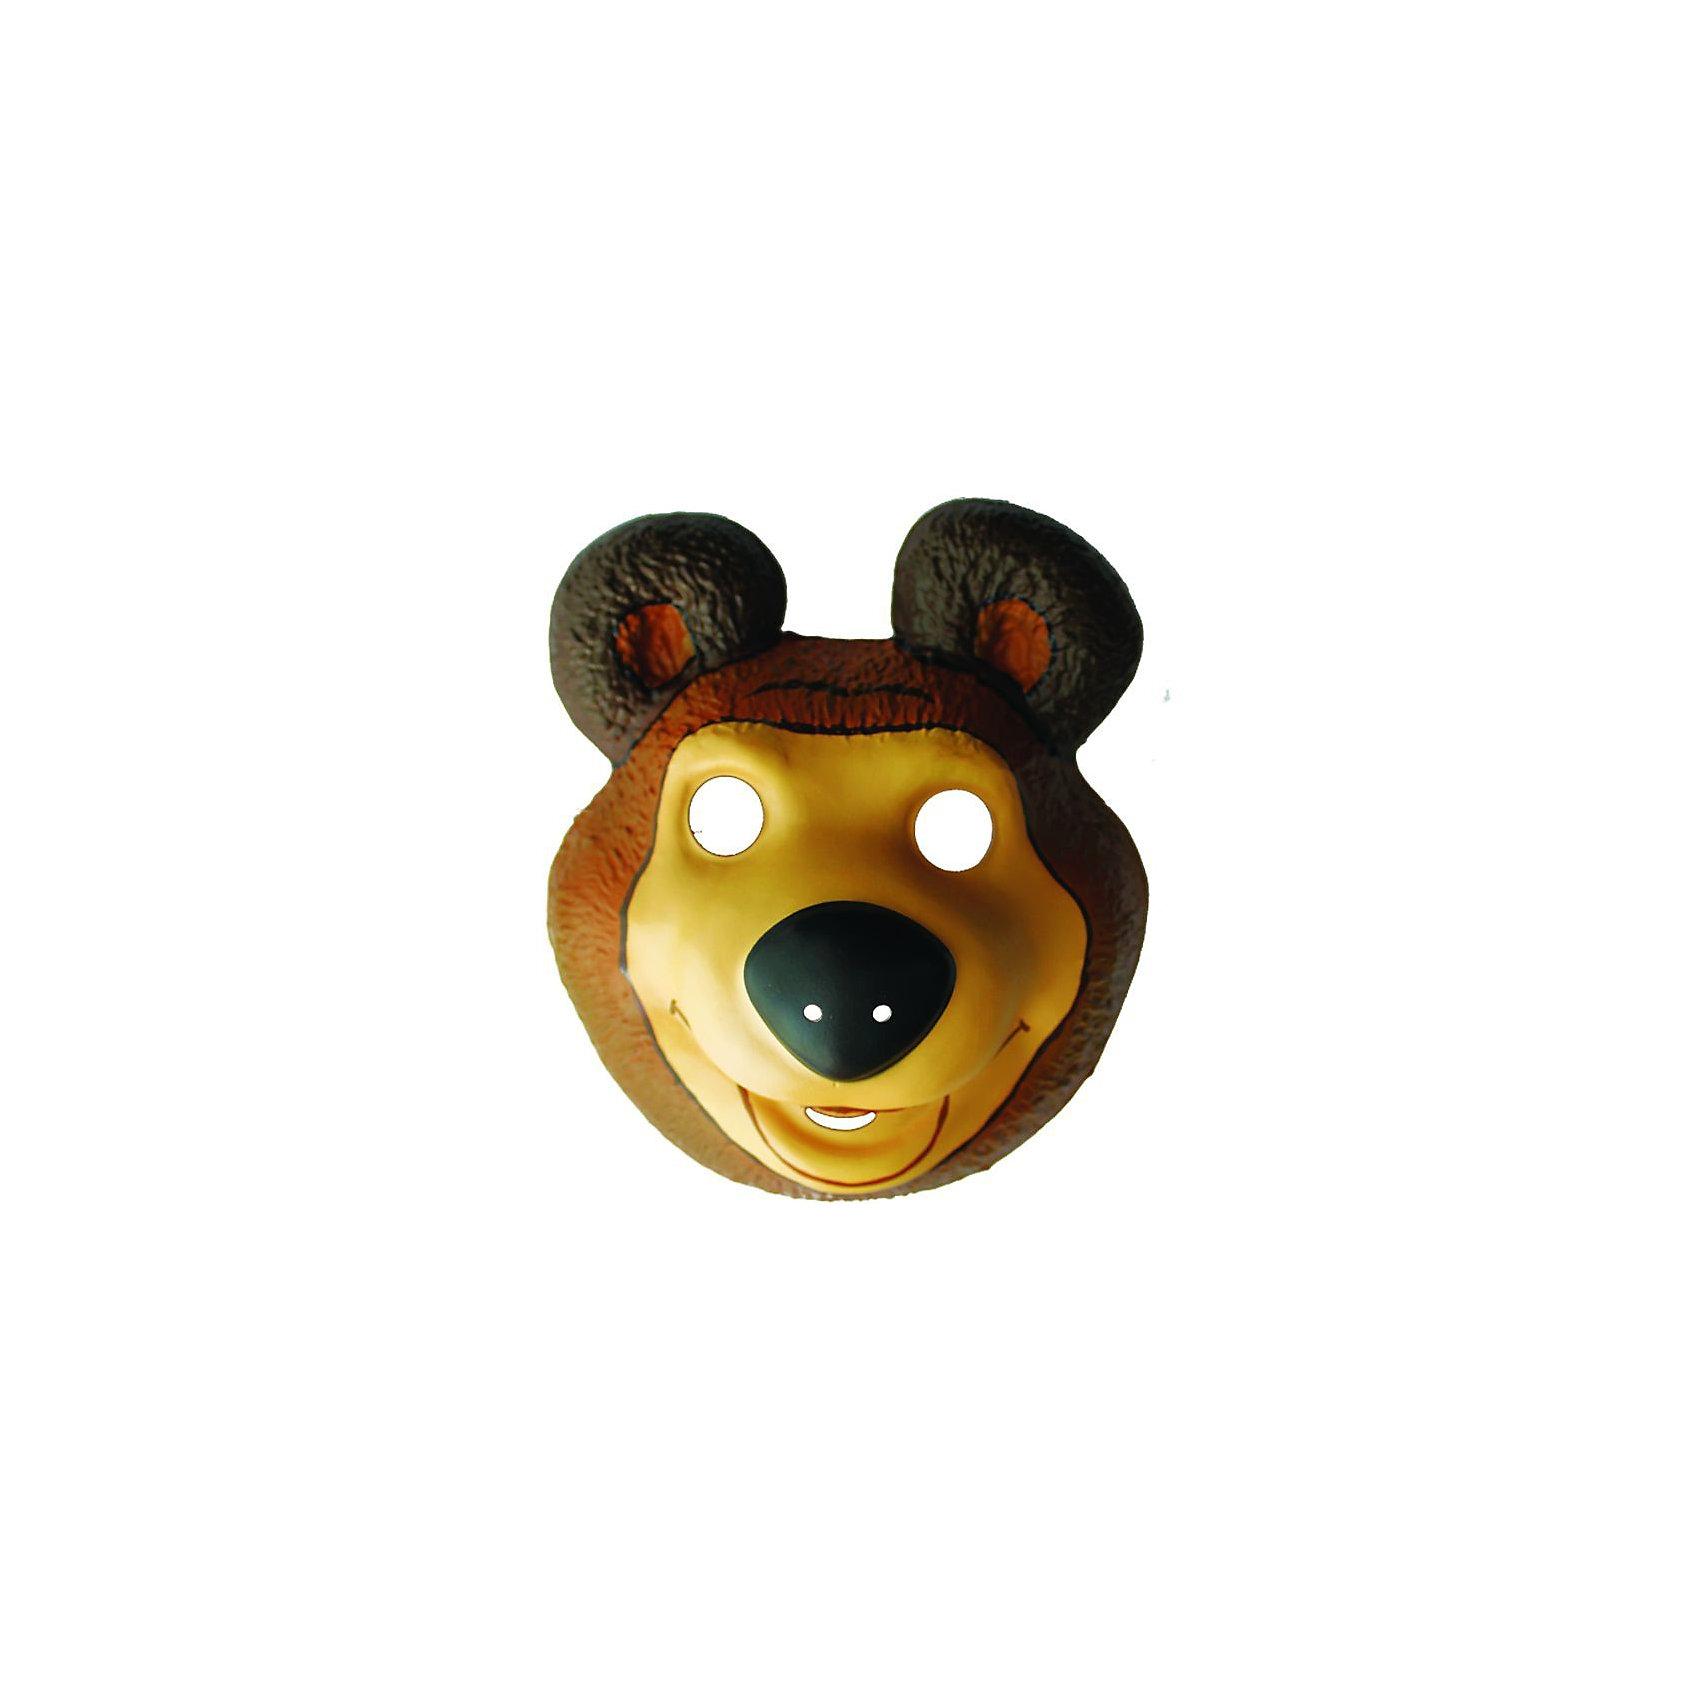 Маска Медведь, Маша и медведьМаски и карнавальные костюмы<br>С детской маской Медведя ребенок превратится в героя любимого мультика про Машу и Медведя.<br><br>Дополнительная информация:<br><br>- Материал: ПВХ<br>- Размер упаковки: 20 х 21 см<br><br>Маску Медведь, Маша и медведь можно купить в нашем магазине.<br><br>Ширина мм: 200<br>Глубина мм: 210<br>Высота мм: 20<br>Вес г: 20<br>Возраст от месяцев: 36<br>Возраст до месяцев: 120<br>Пол: Мужской<br>Возраст: Детский<br>SKU: 3375131